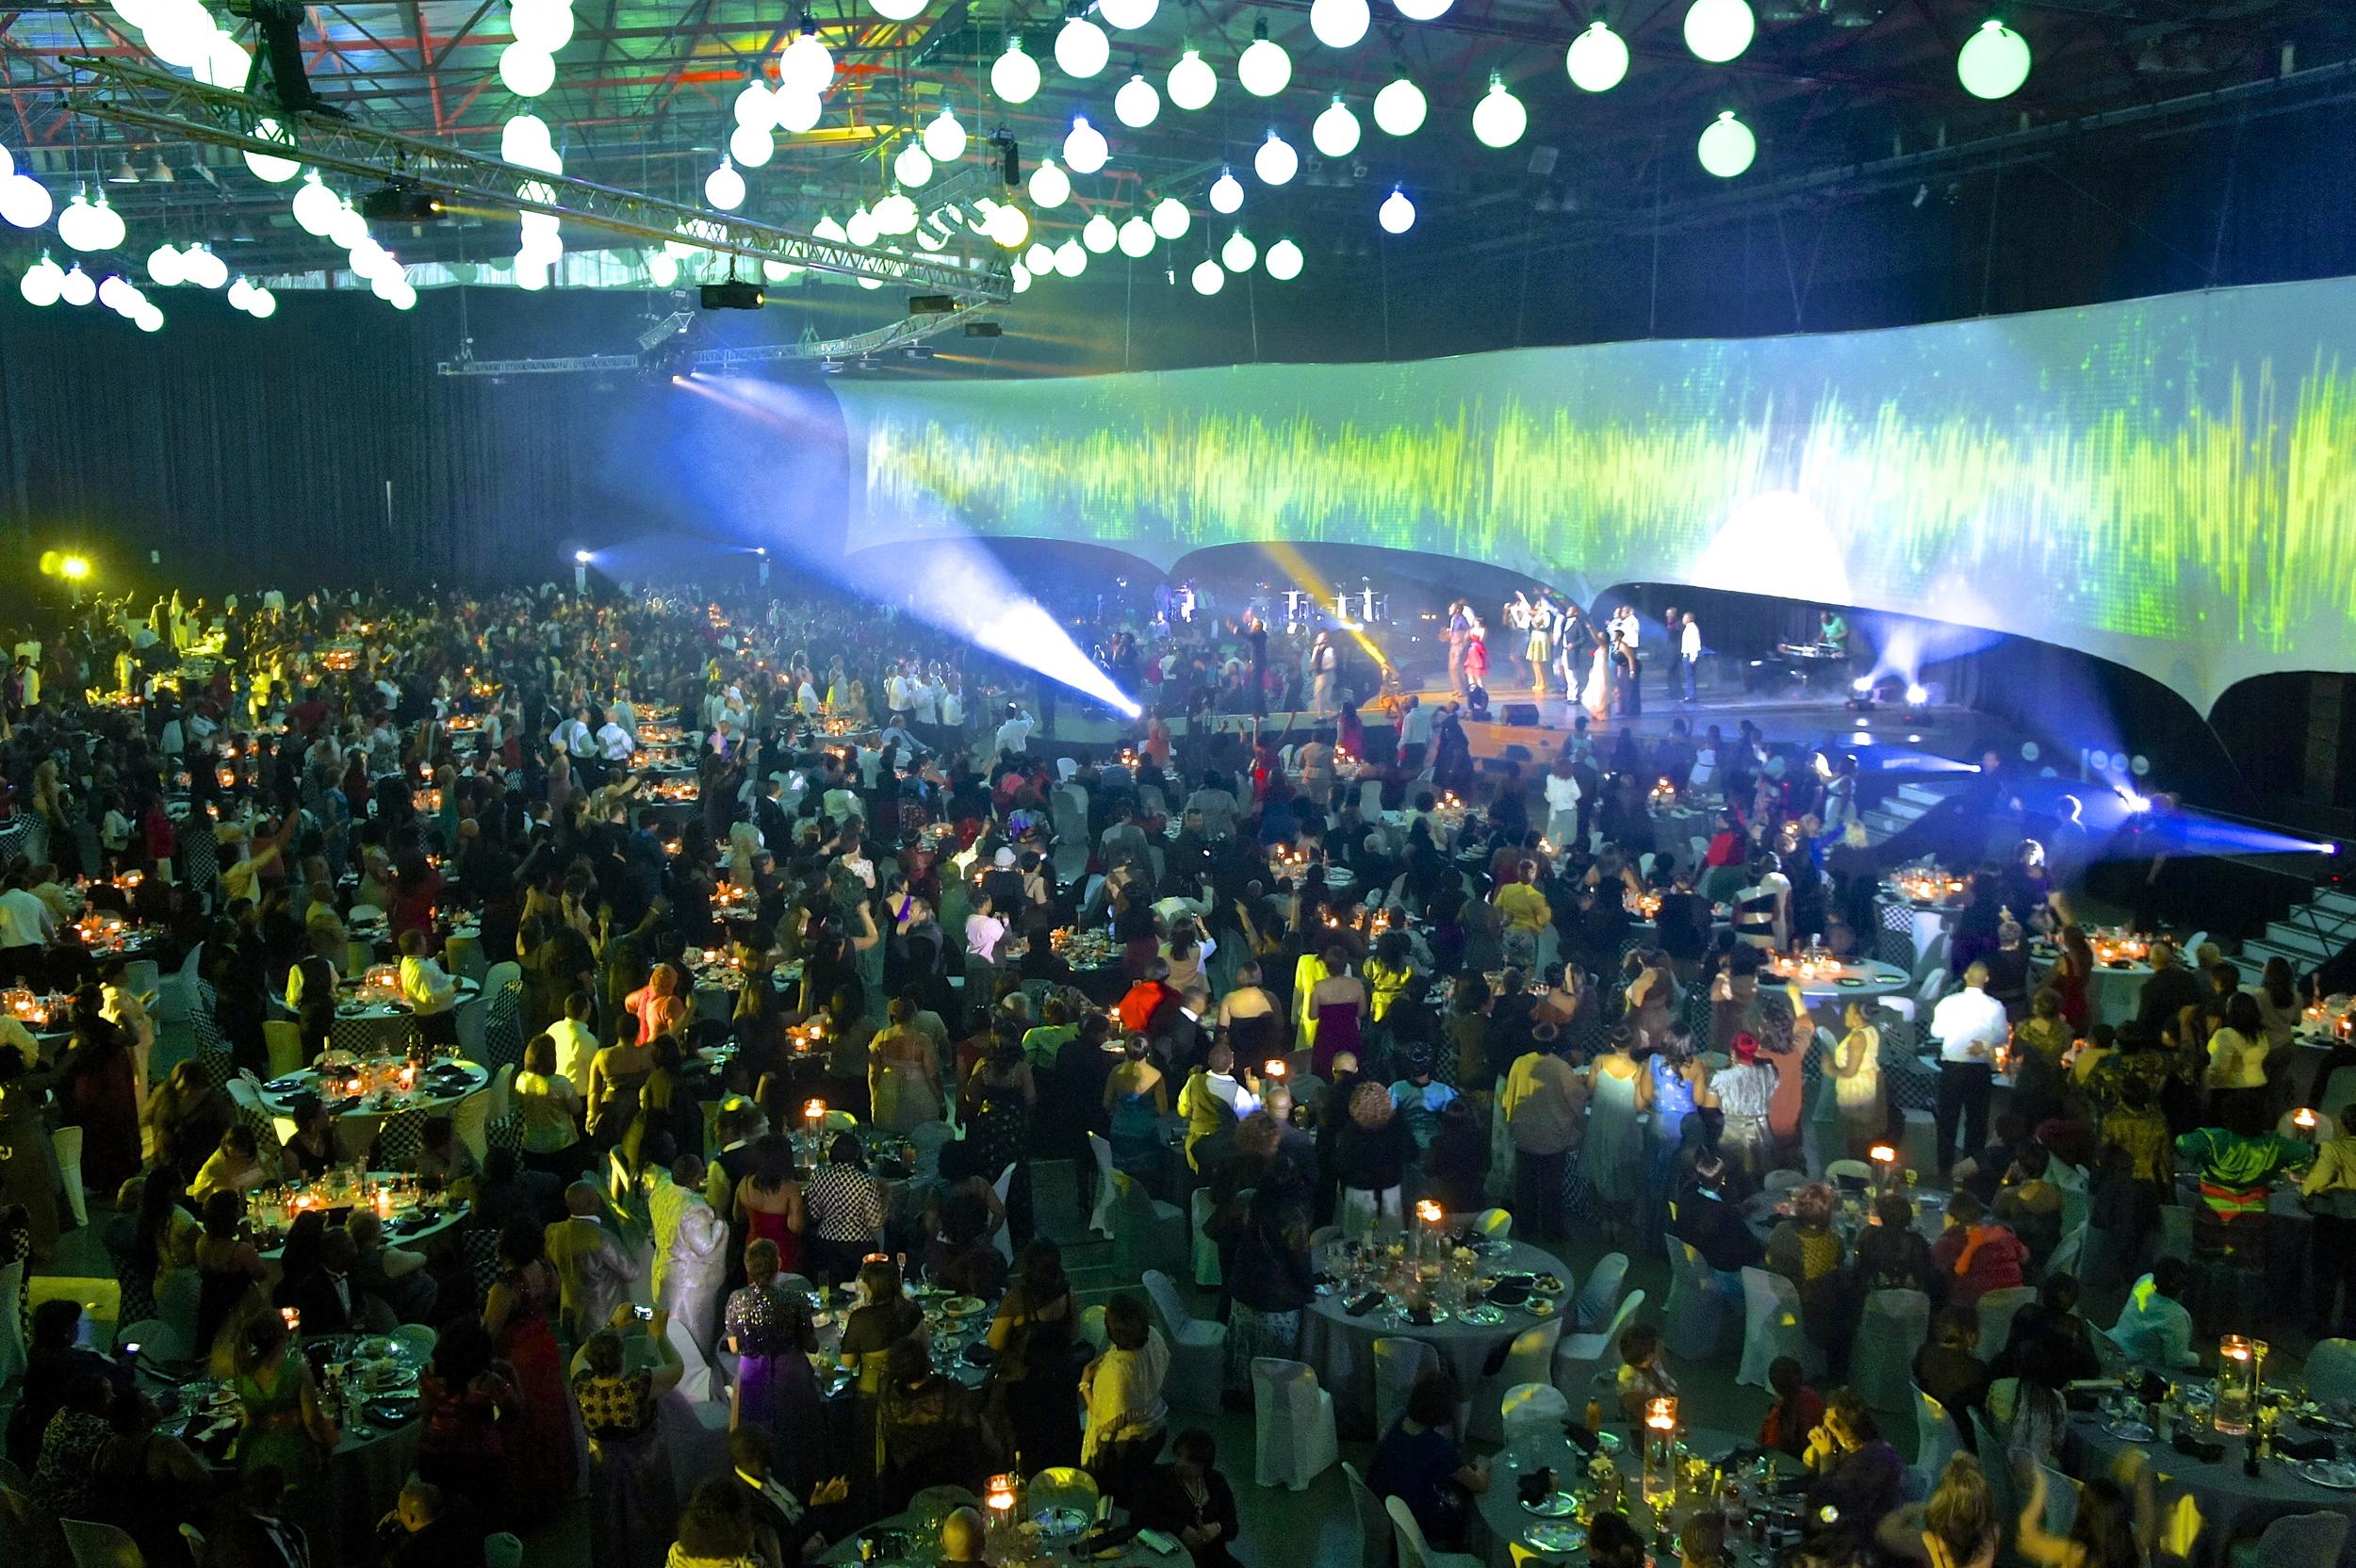 Banquet event venue